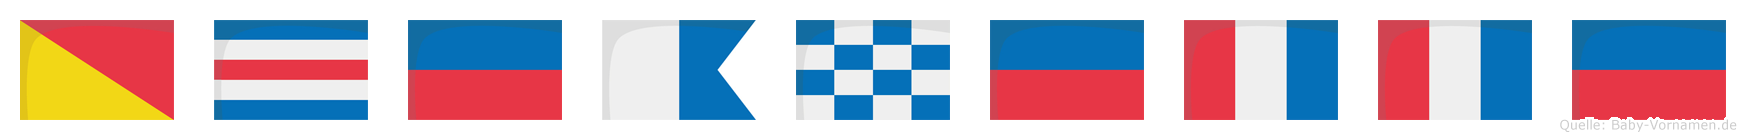 Oceanette im Flaggenalphabet